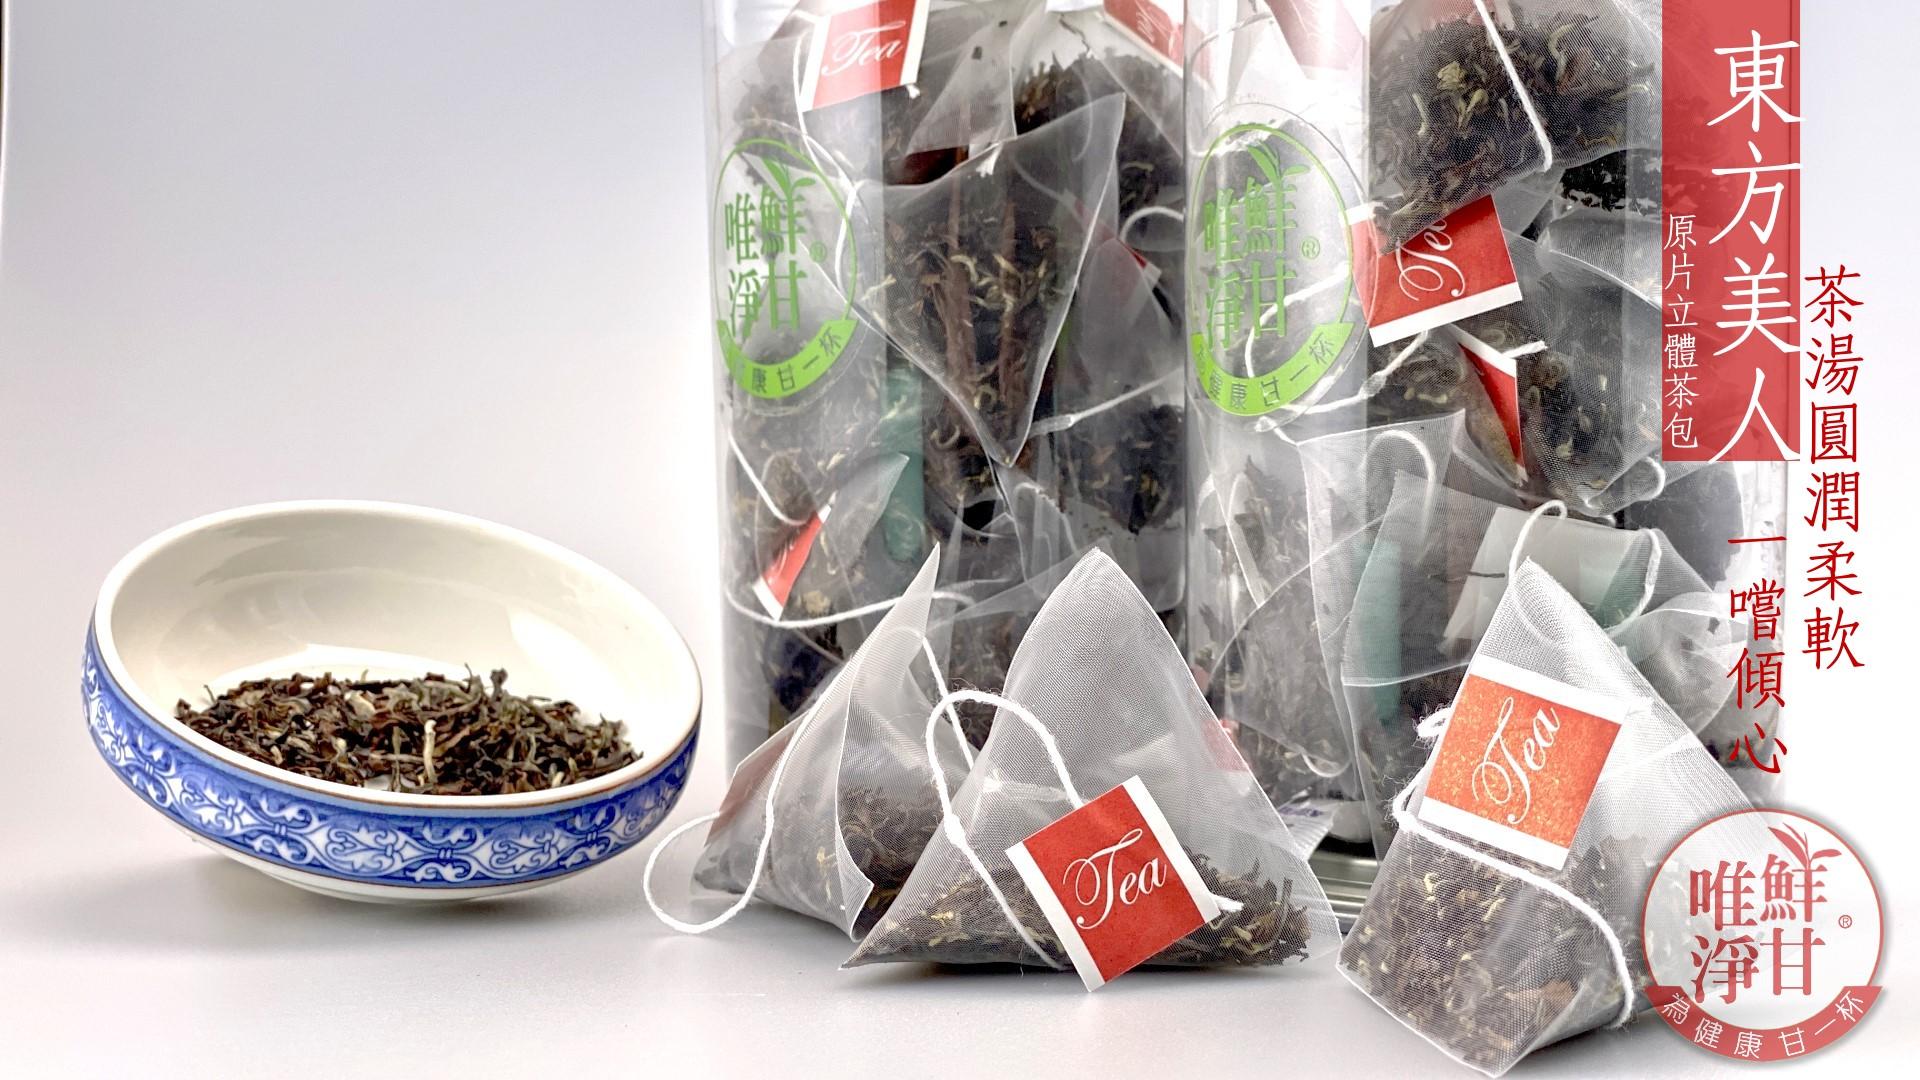 立體茶包,原片茶包,原片茶包批發